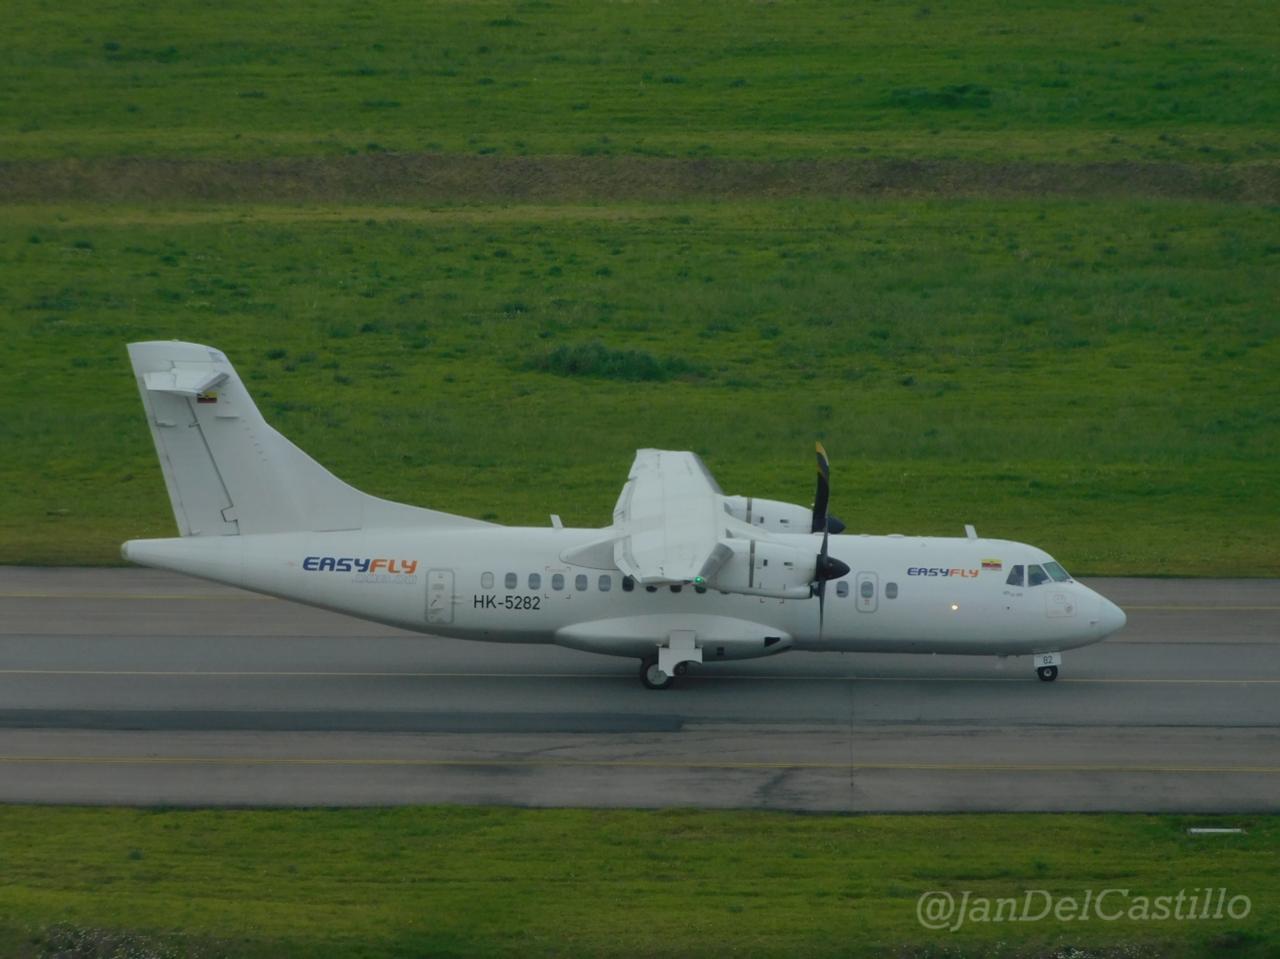 La aerolínea Easyfly está a la espera de permiso para abrir 15 rutas